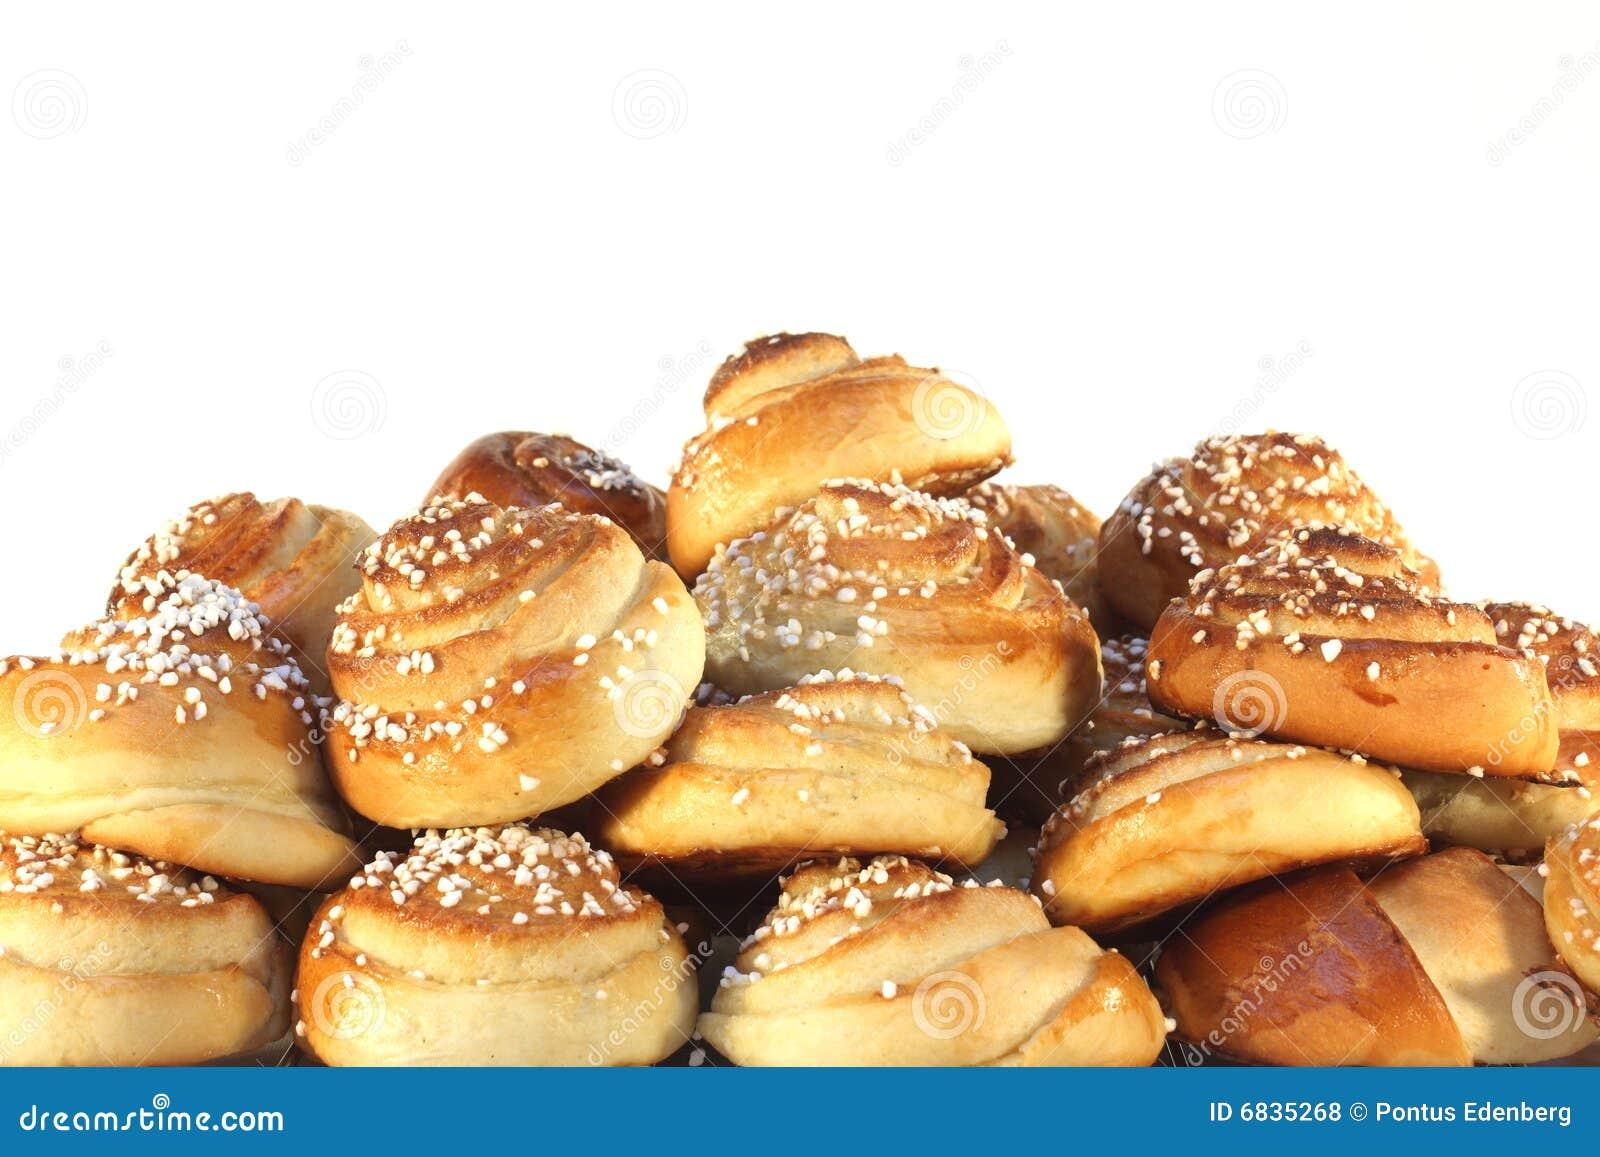 甜束的小圆面包